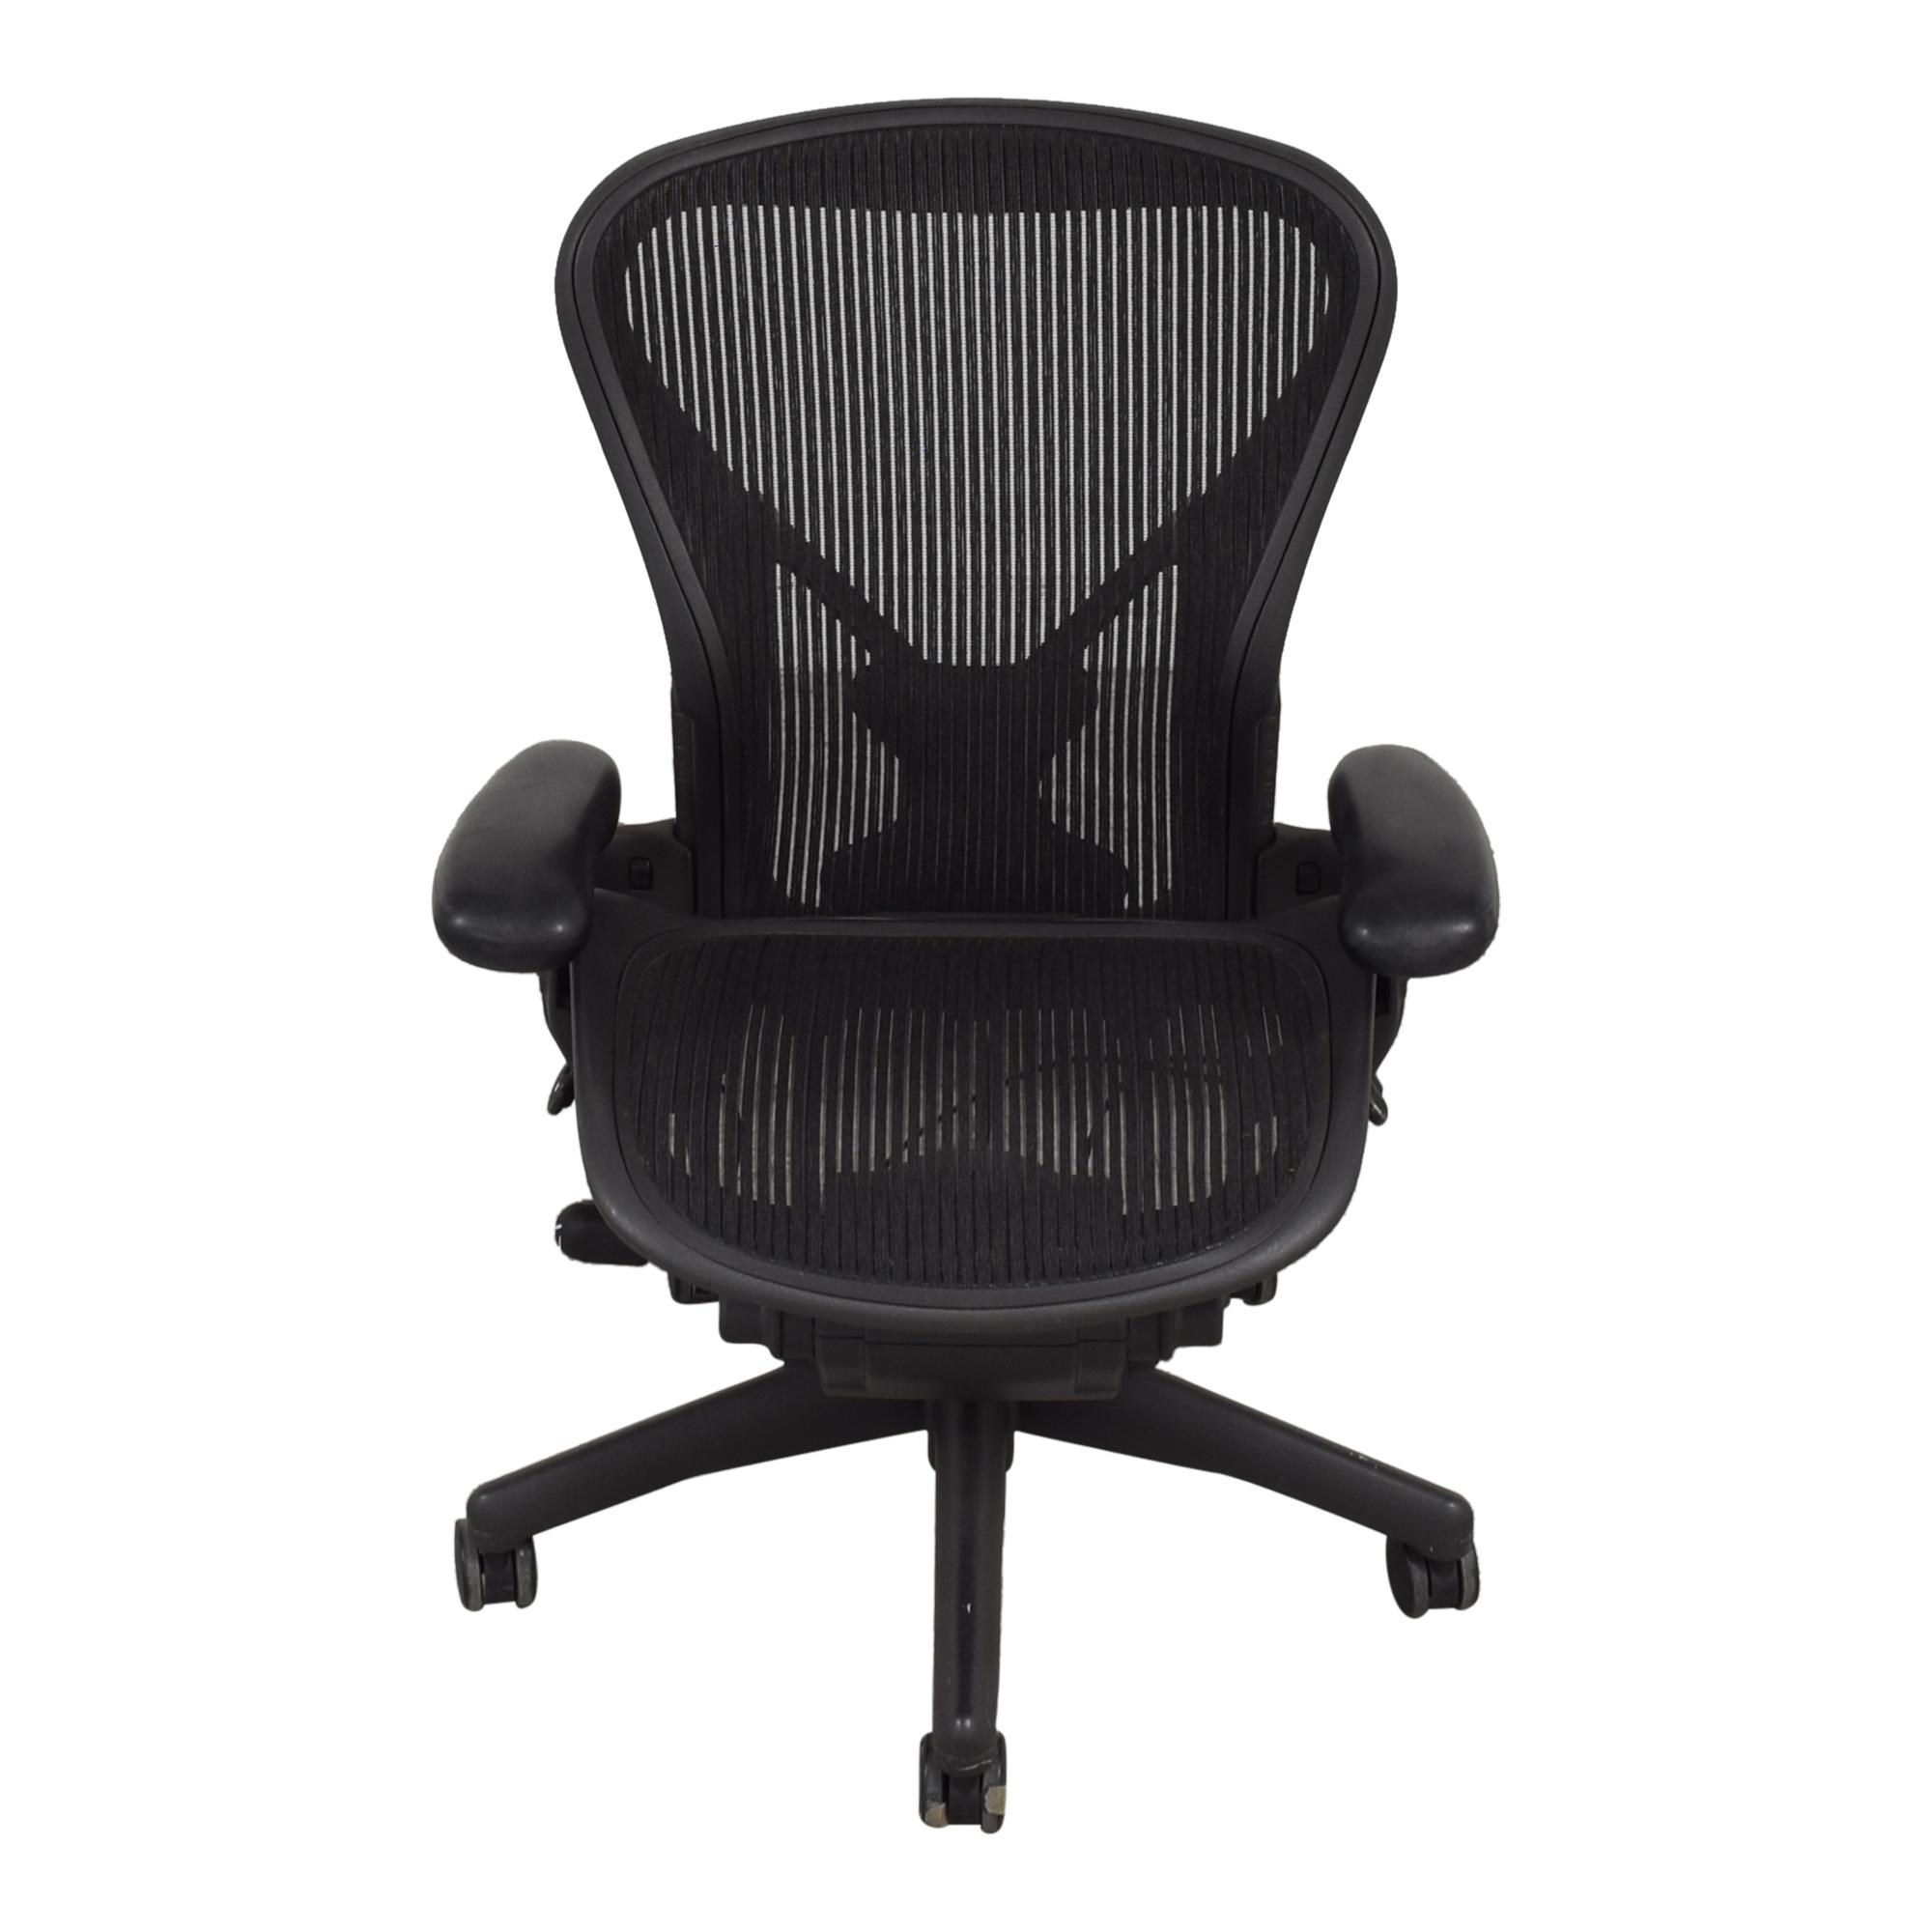 Herman Miller Herman Miller Size B Aeron Chair nj